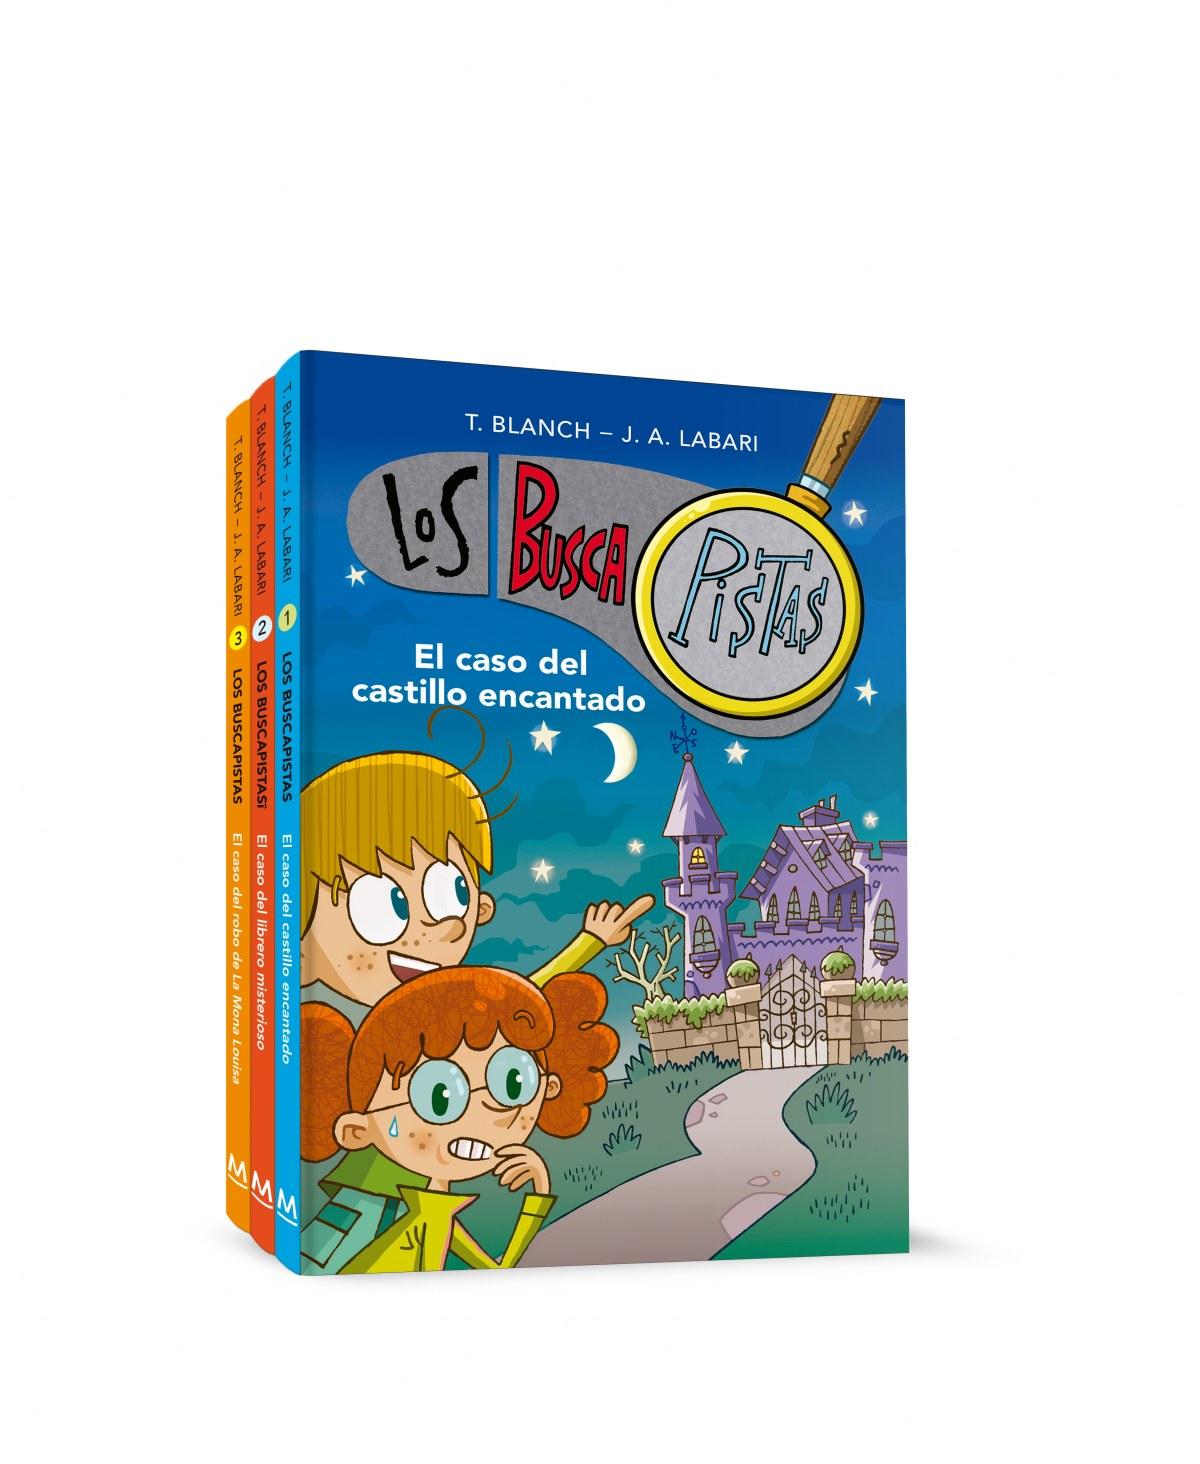 Pack Los BuscaPistas: El caso del castillo encantado , El caso de